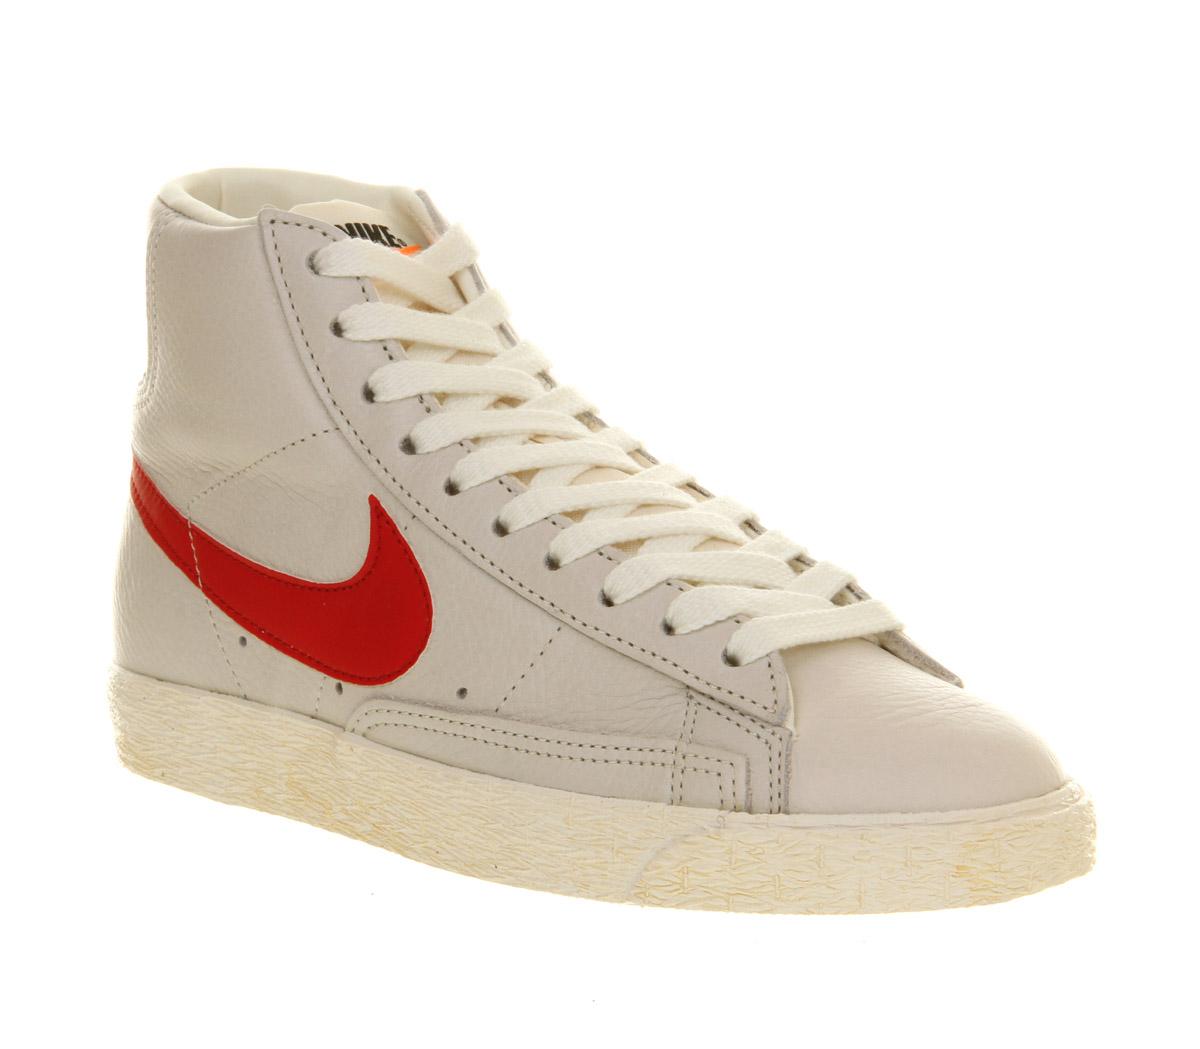 Nike Blazer Sacs En Cuir Mi Vintage la sortie confortable pas cher confortable confortable à vendre ZuSMkm